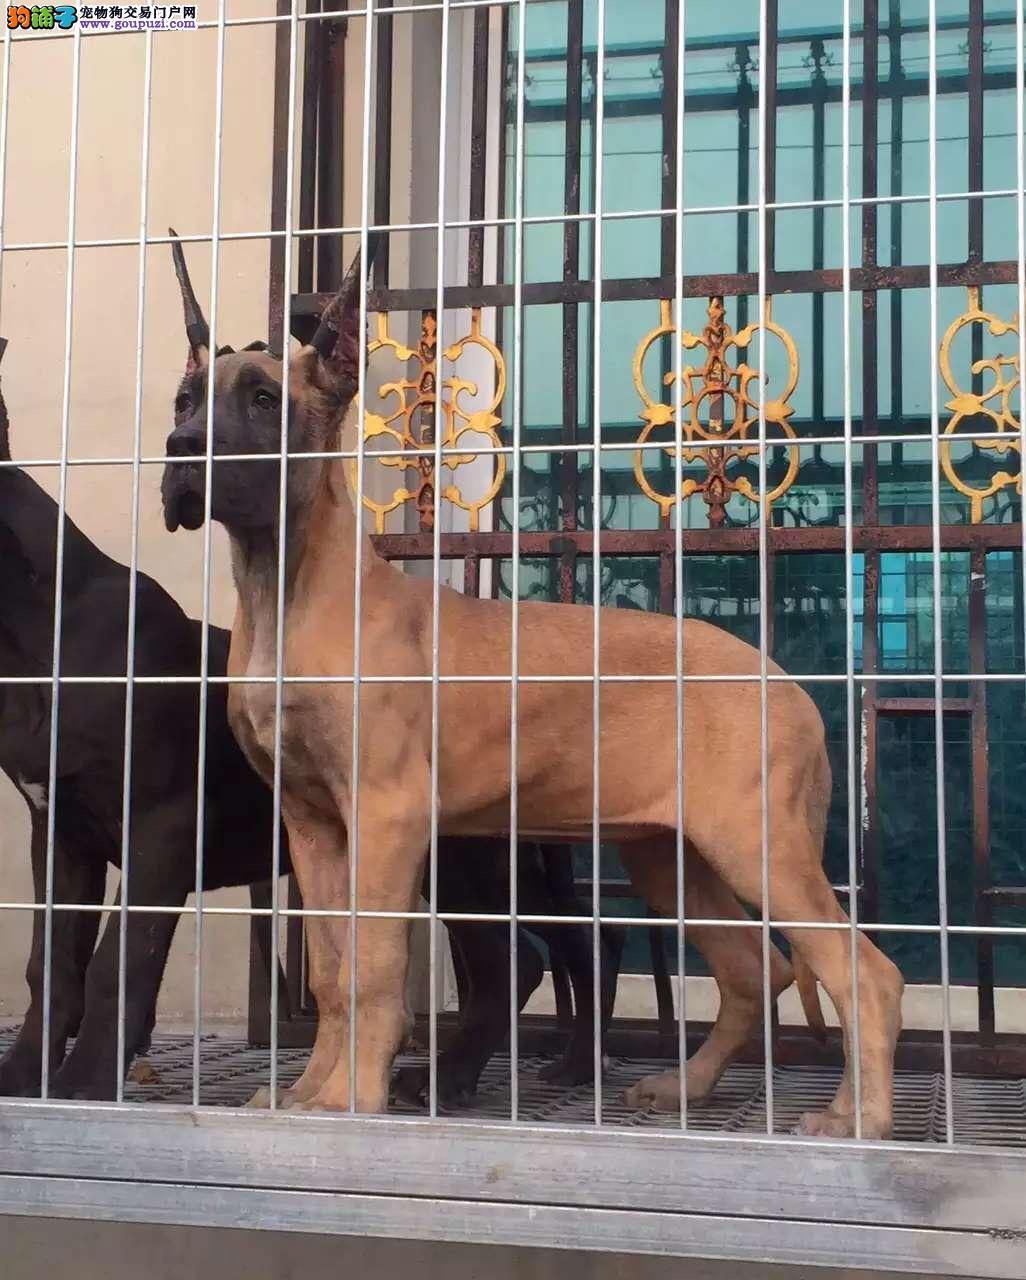 实物拍摄的大丹犬找新主人爱狗人士优先狗贩勿扰